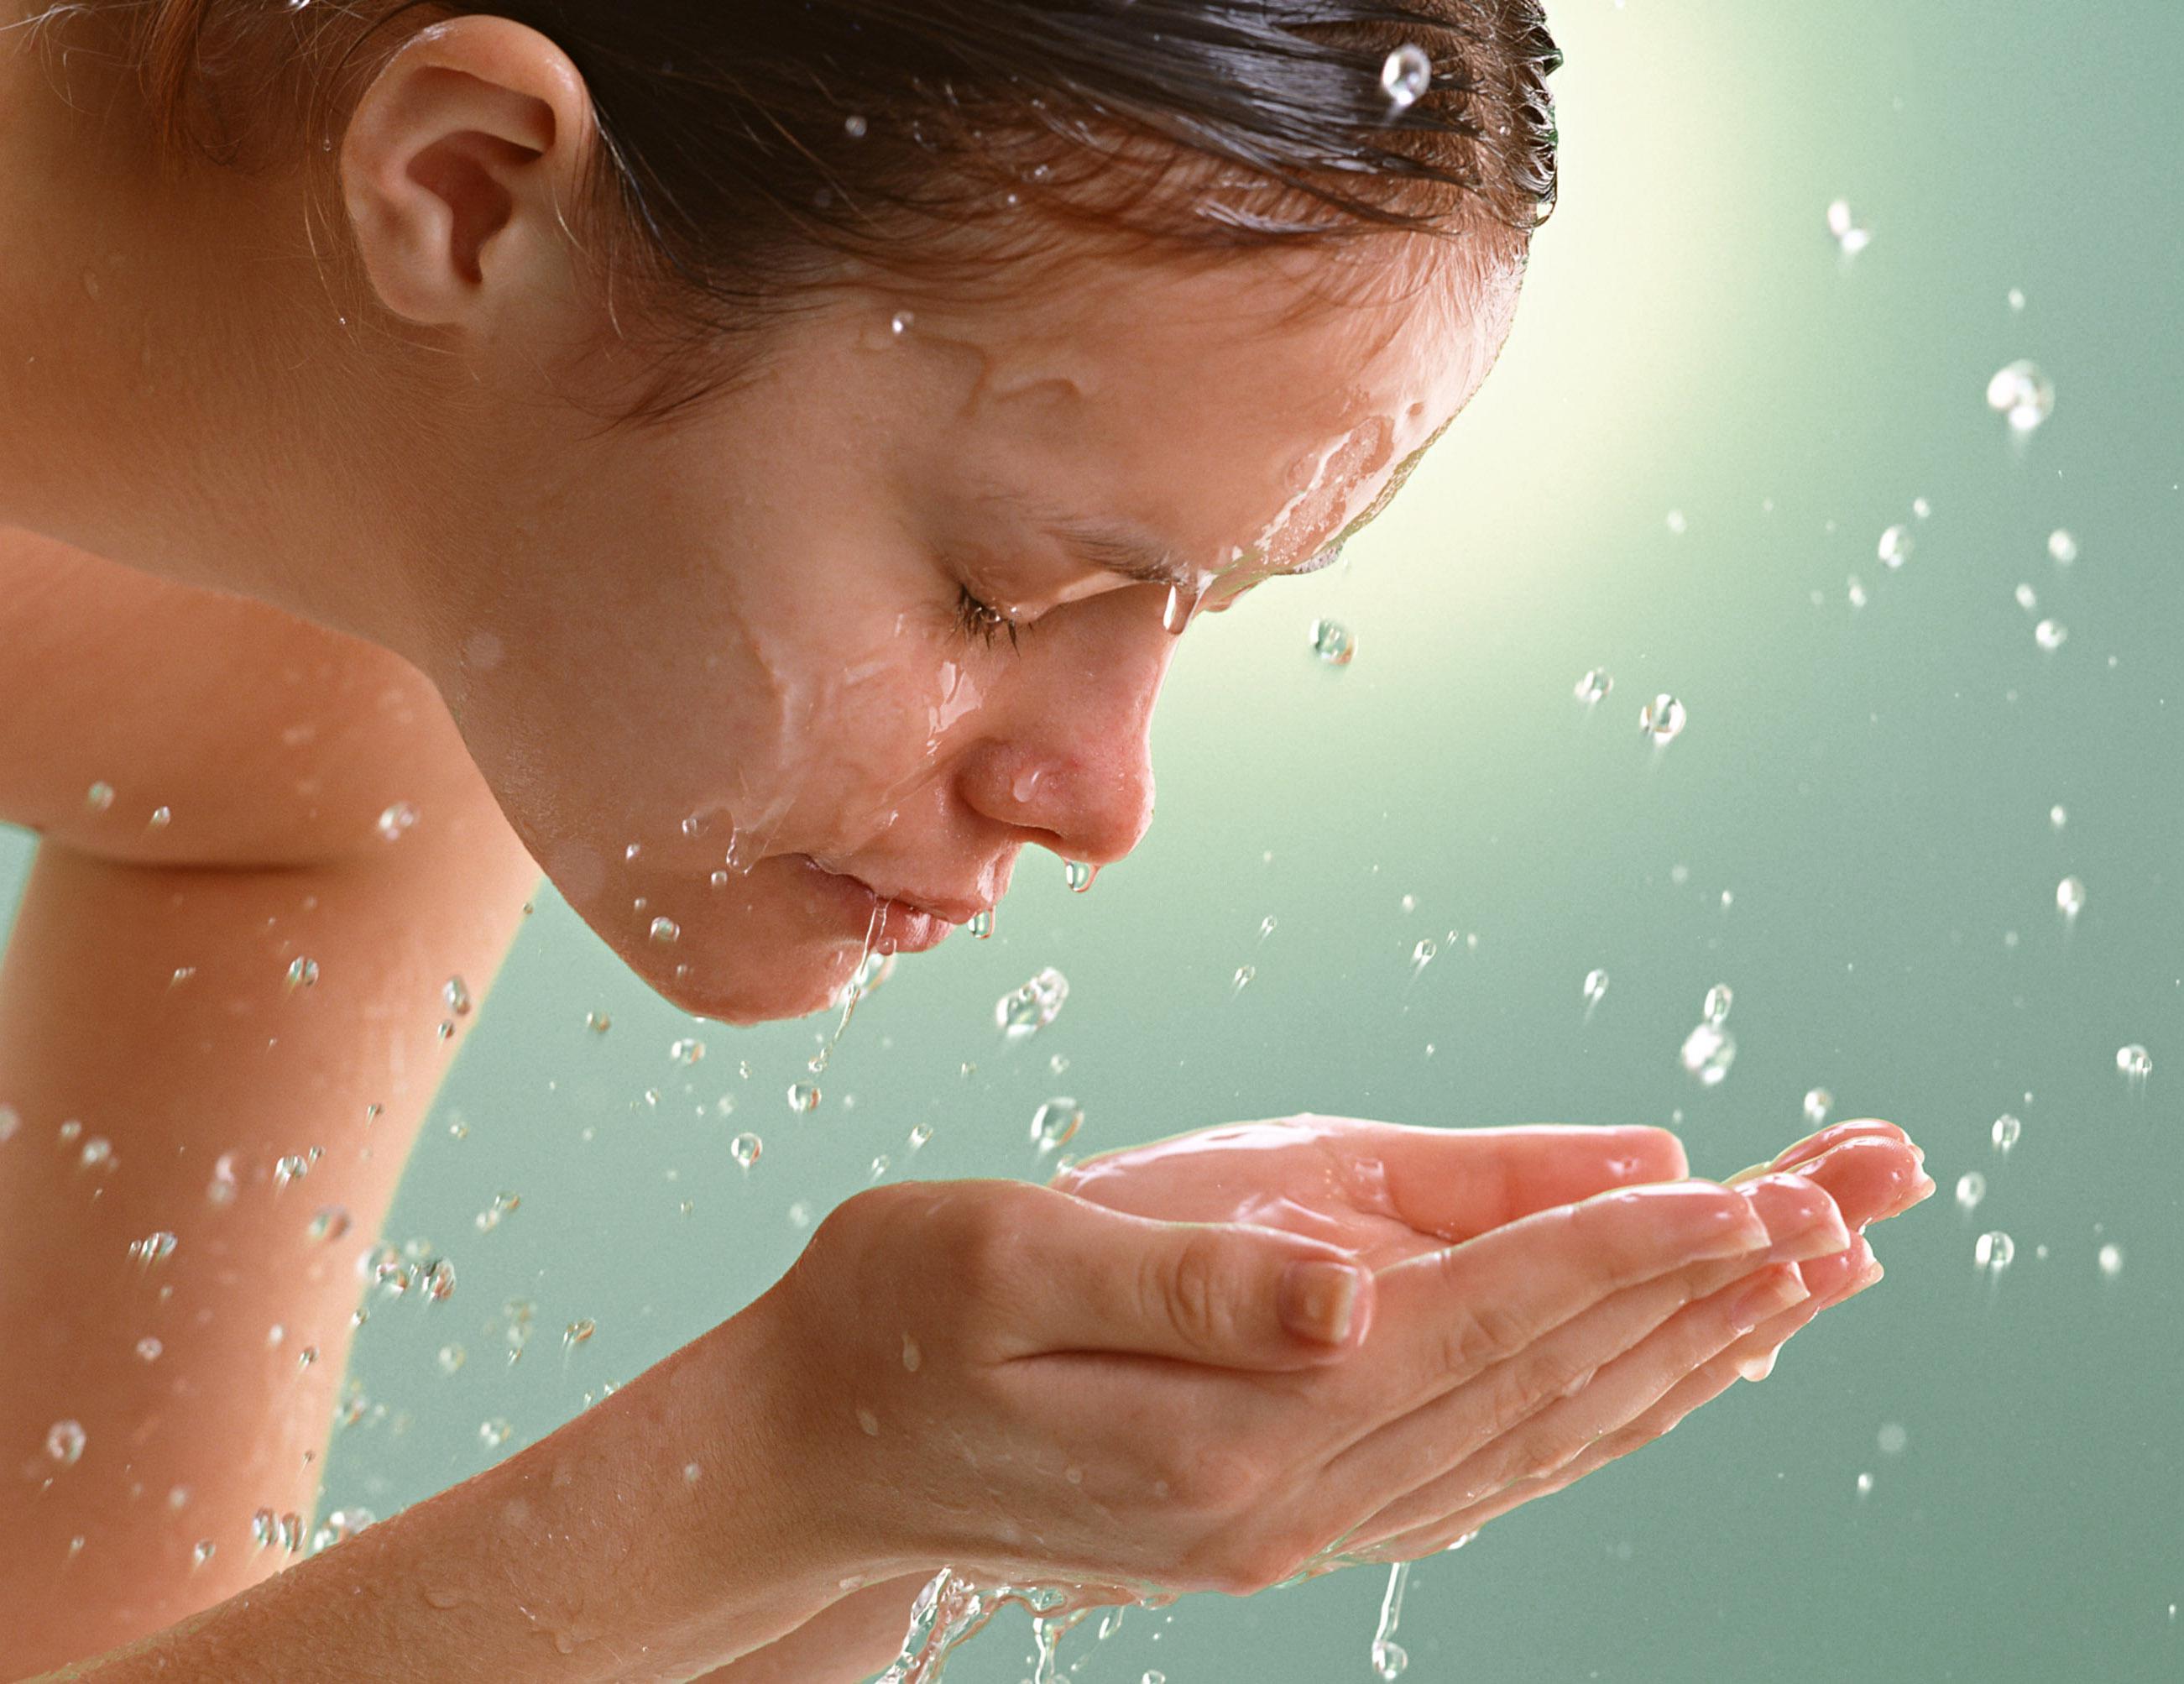 аллергия на горячую воду зимой